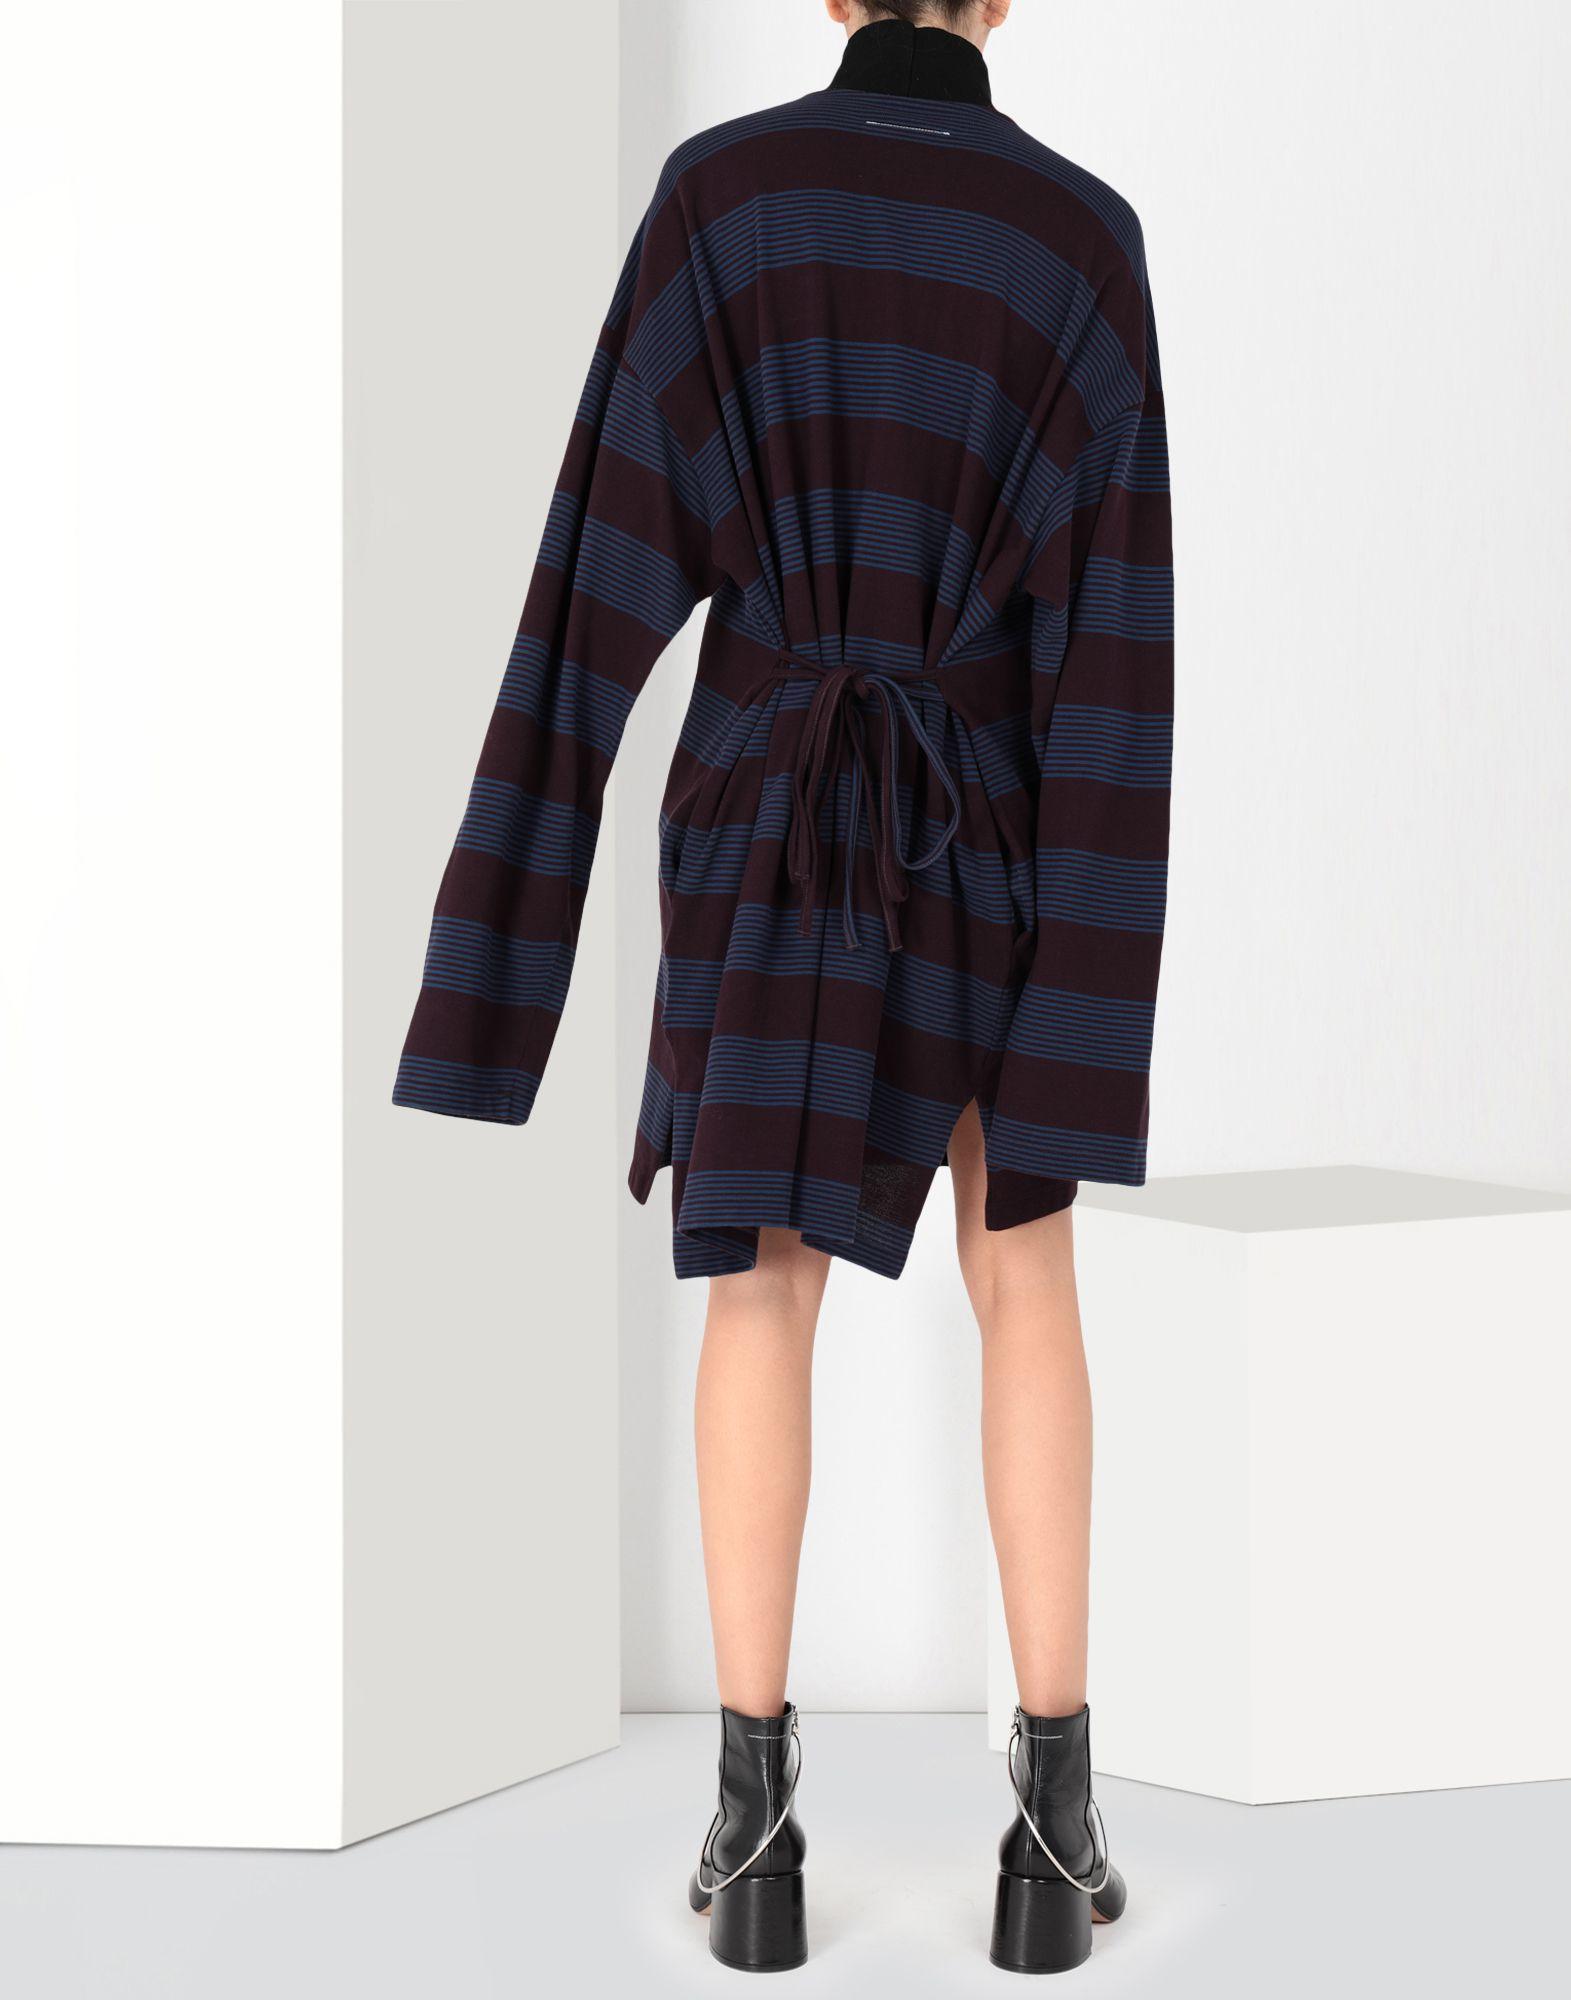 MM6 MAISON MARGIELA Striped jersey dress Short dress Woman d